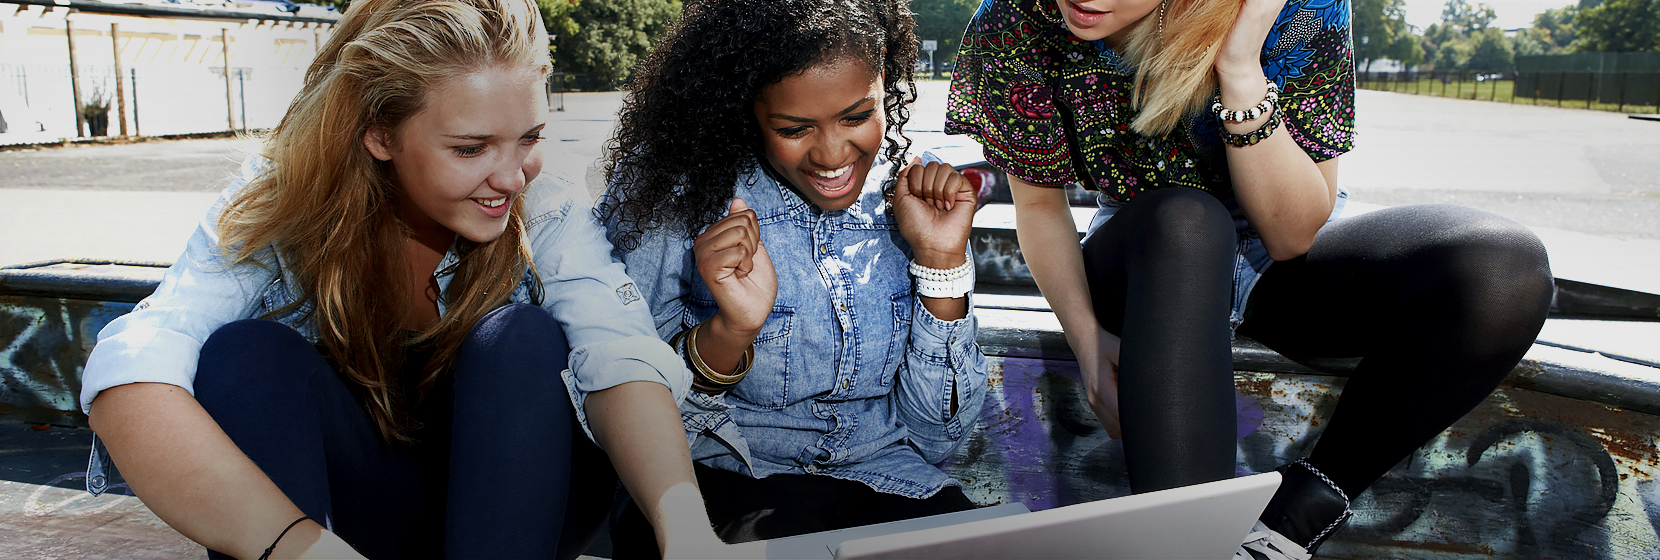 10대 소녀들이 노트북 화면을 보고 흥분을 감추지 못하는 이미지입니다.